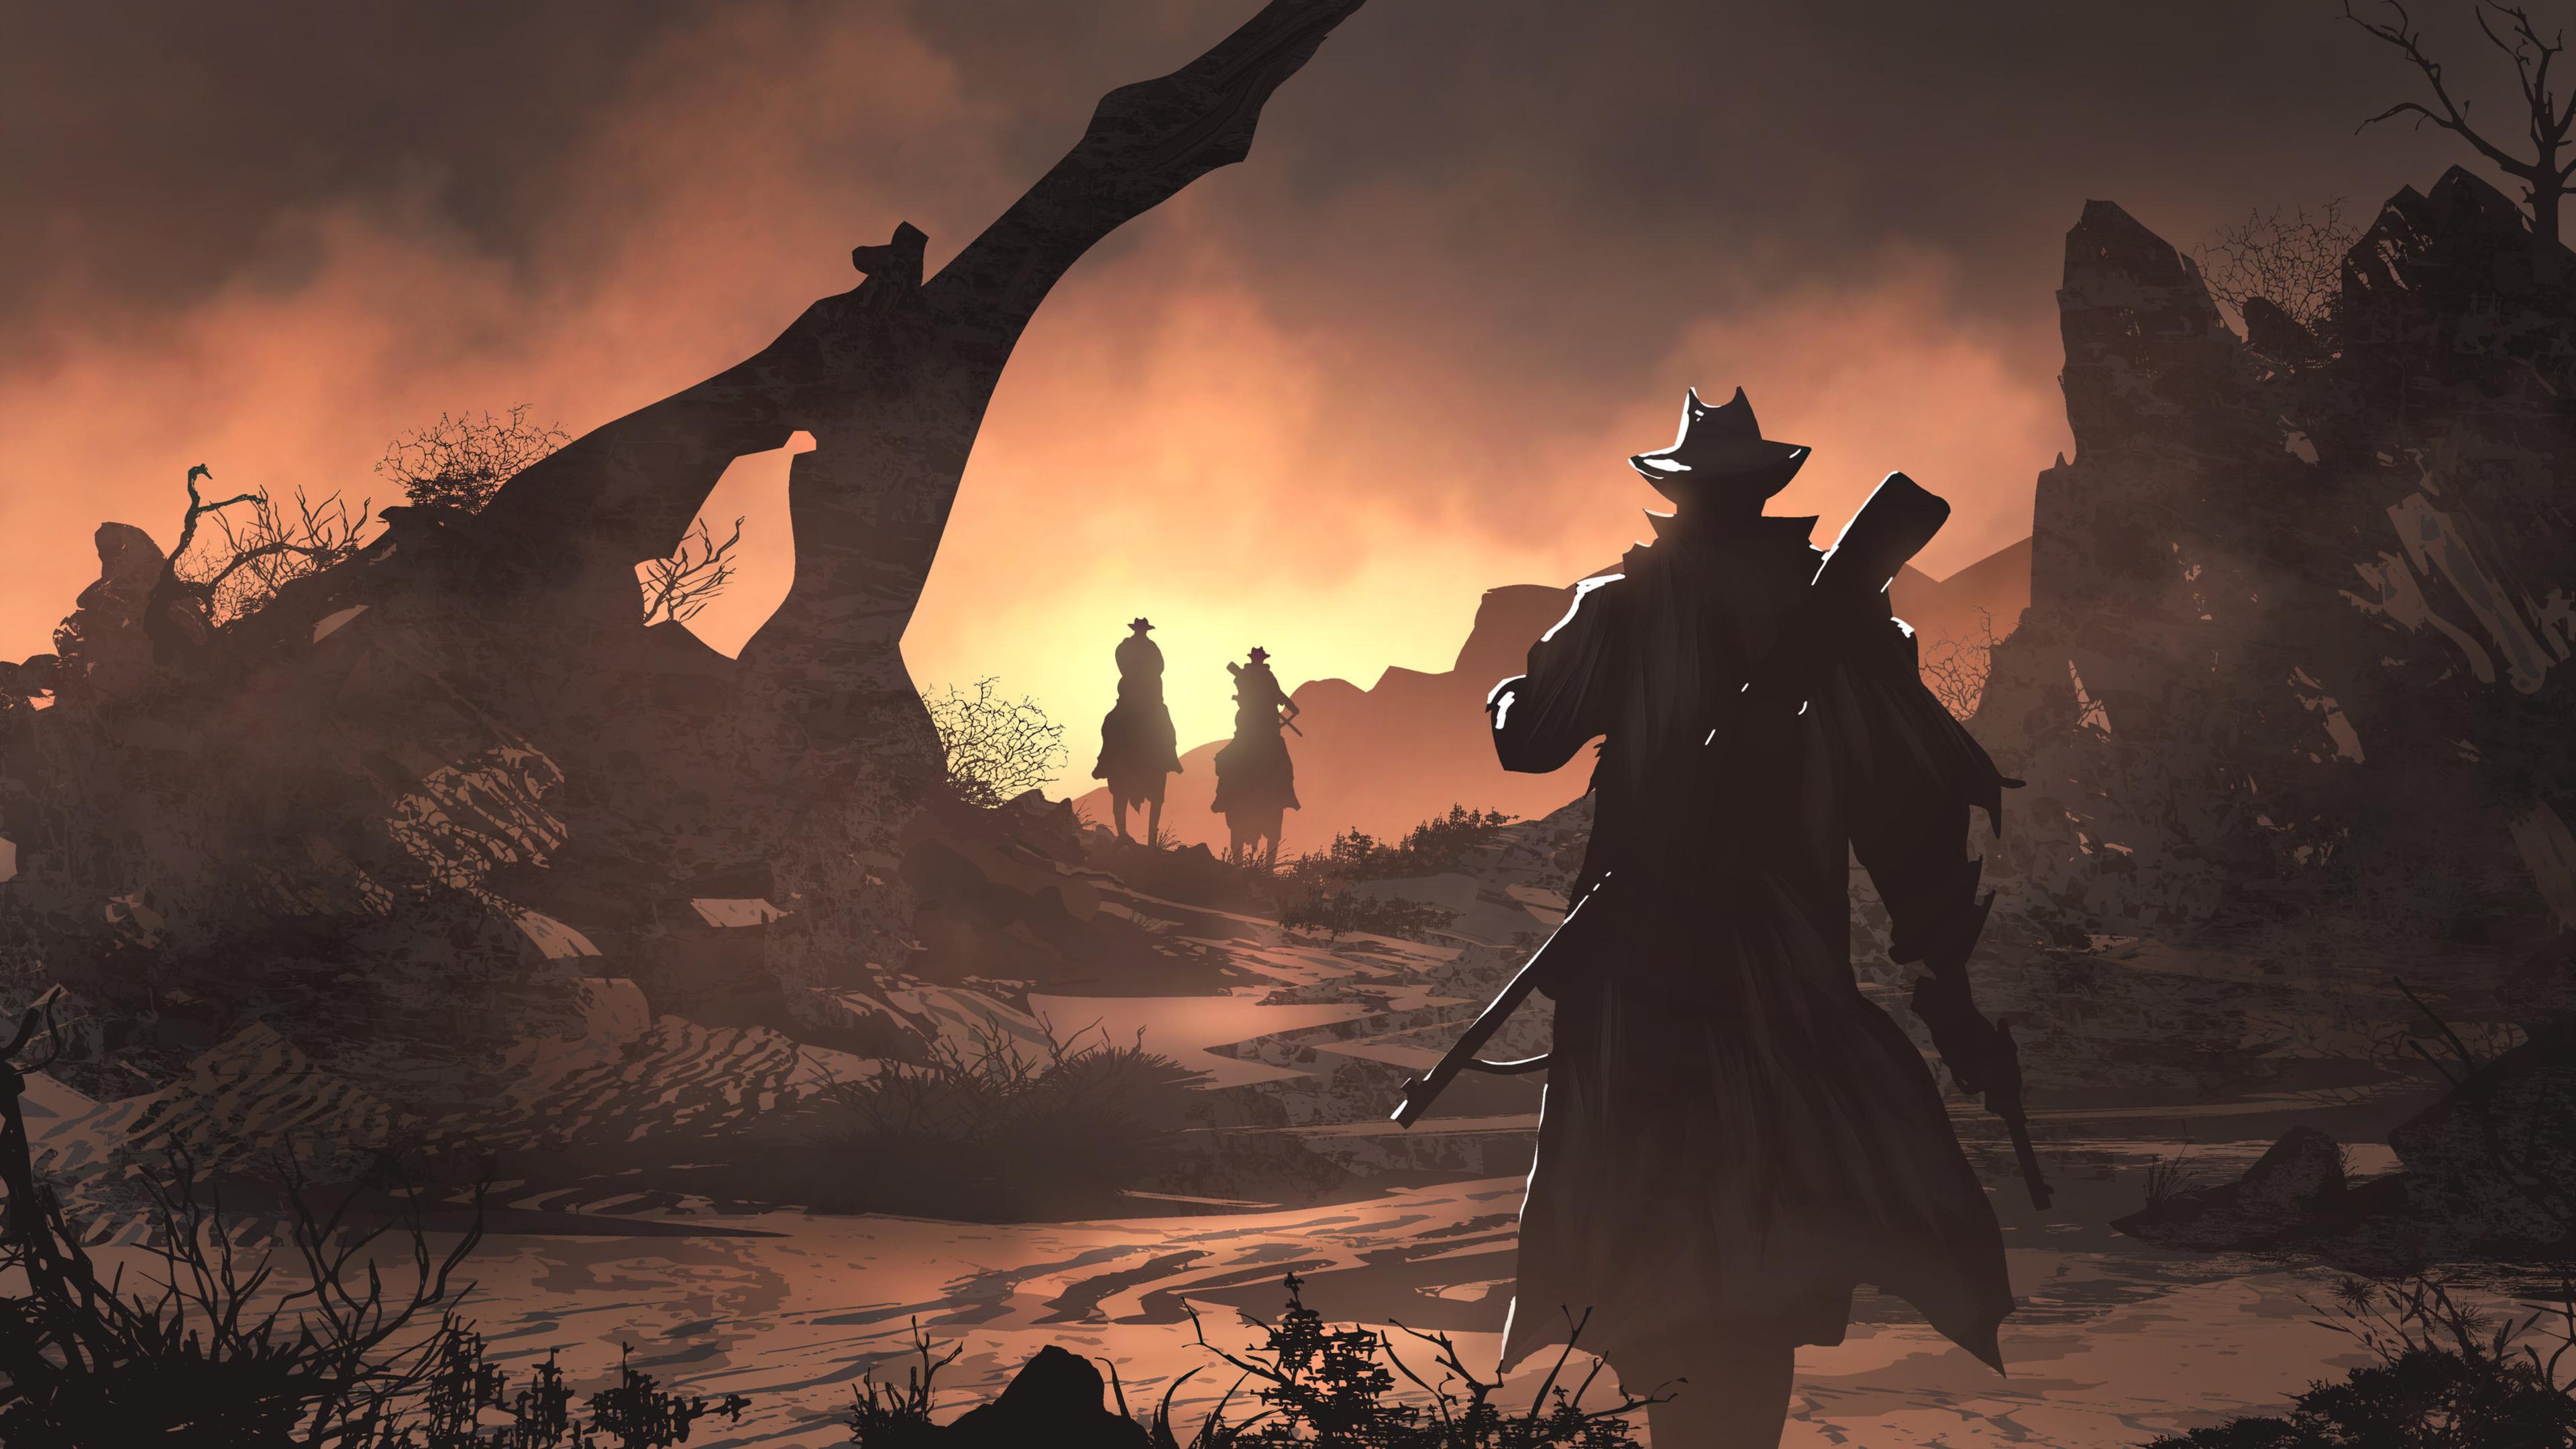 3840x2160 Red Dead Redemption 2 Fan Art 4k 4k HD 4k ...